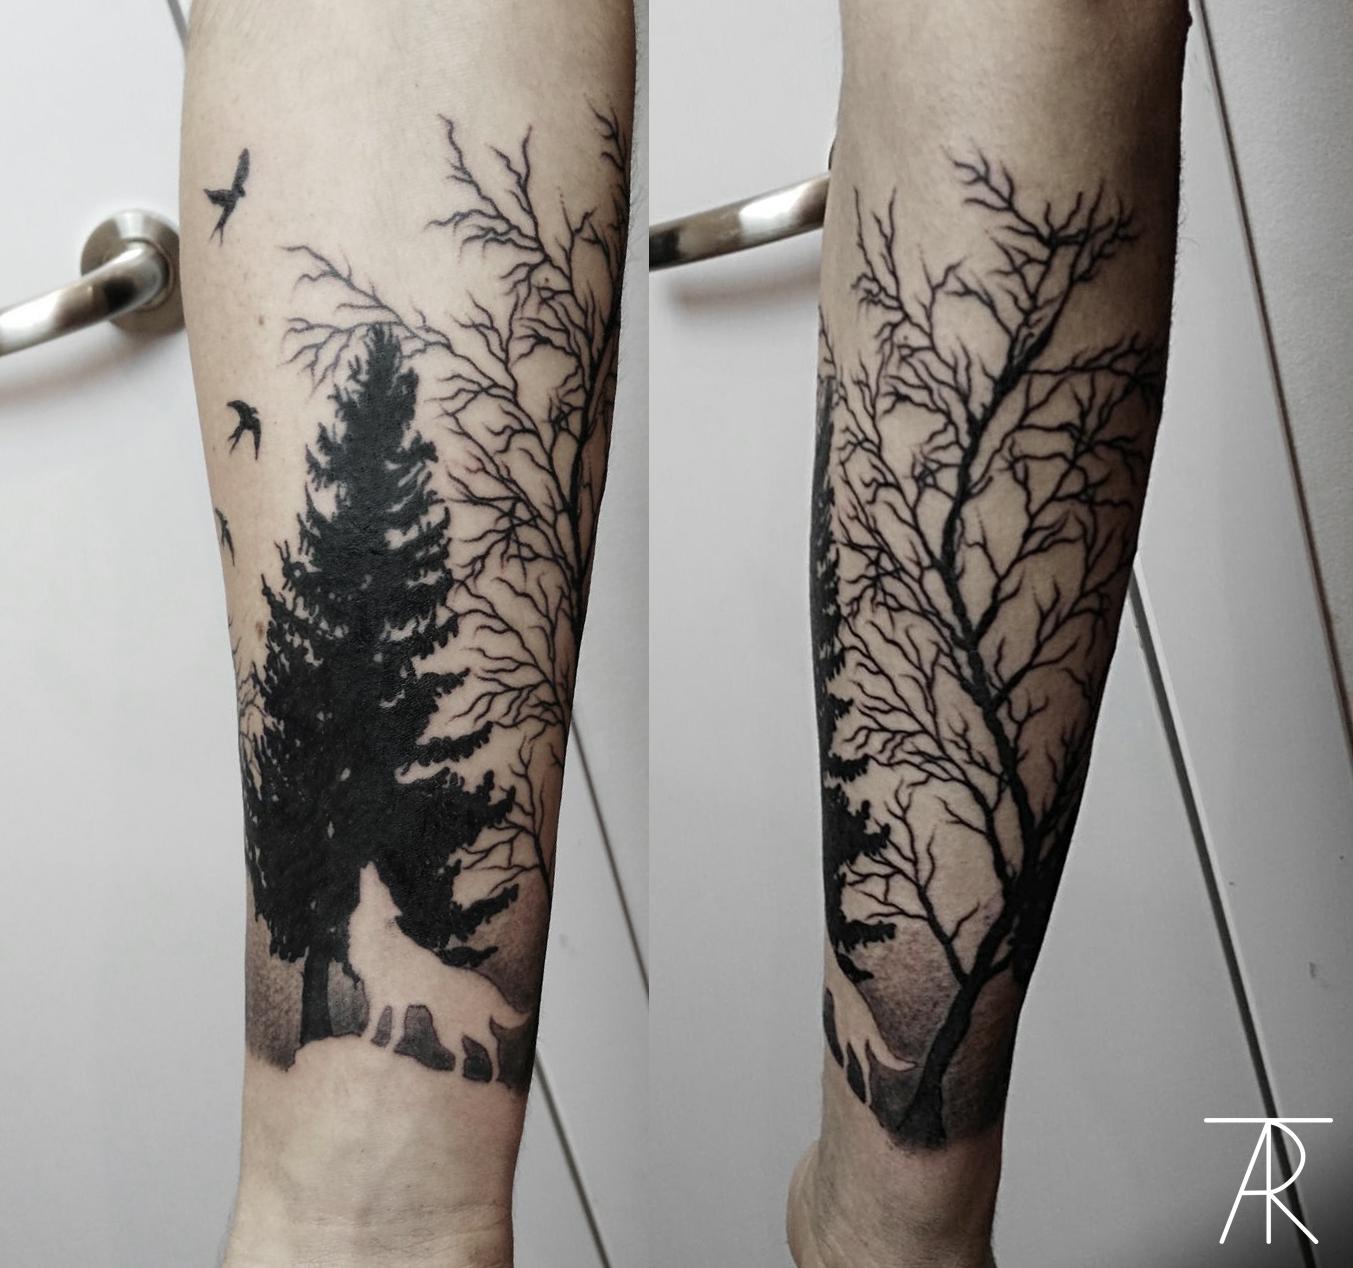 Tatuajes En El Antebrazo Bosque Frasesparatatuajesclub